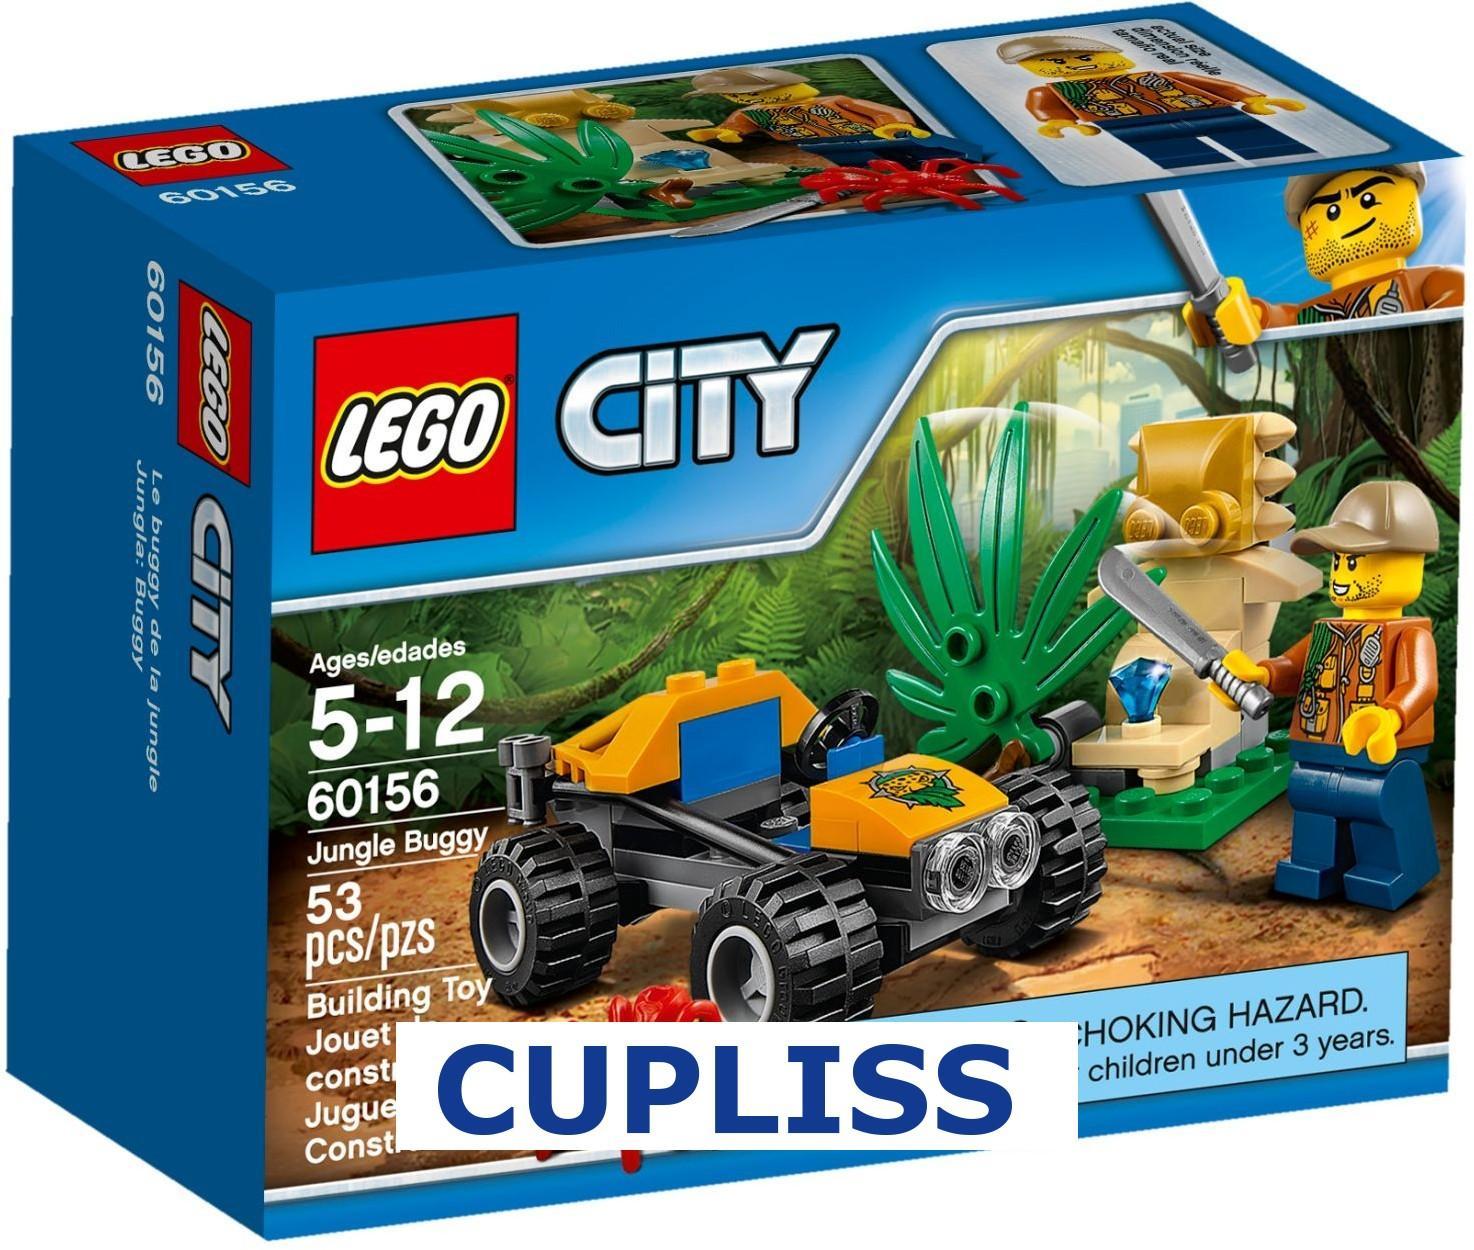 Best Of Mainan Lego Murah - Baby Love